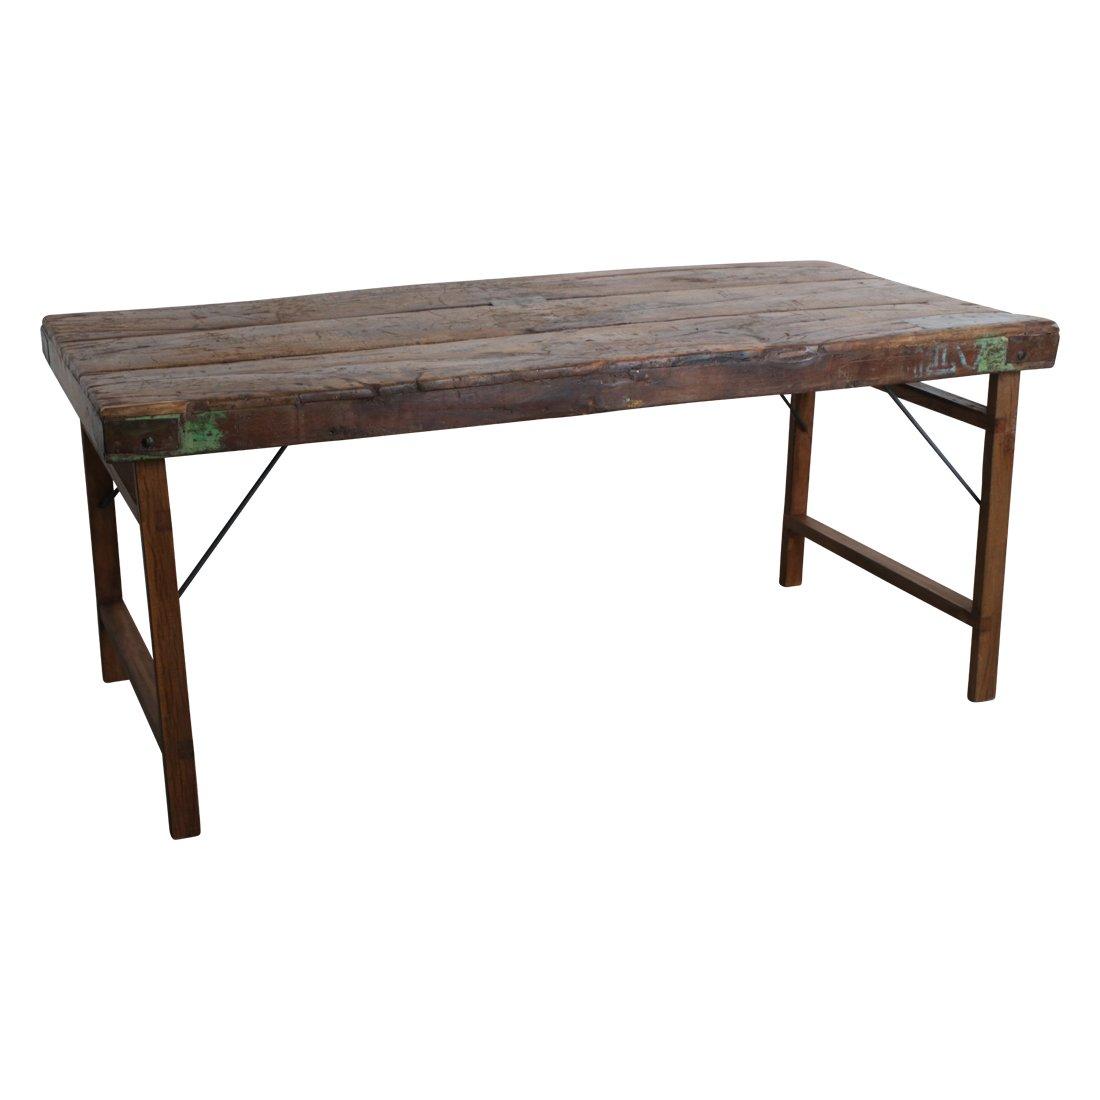 Vintage Esstisch Aus Holz Klappbar